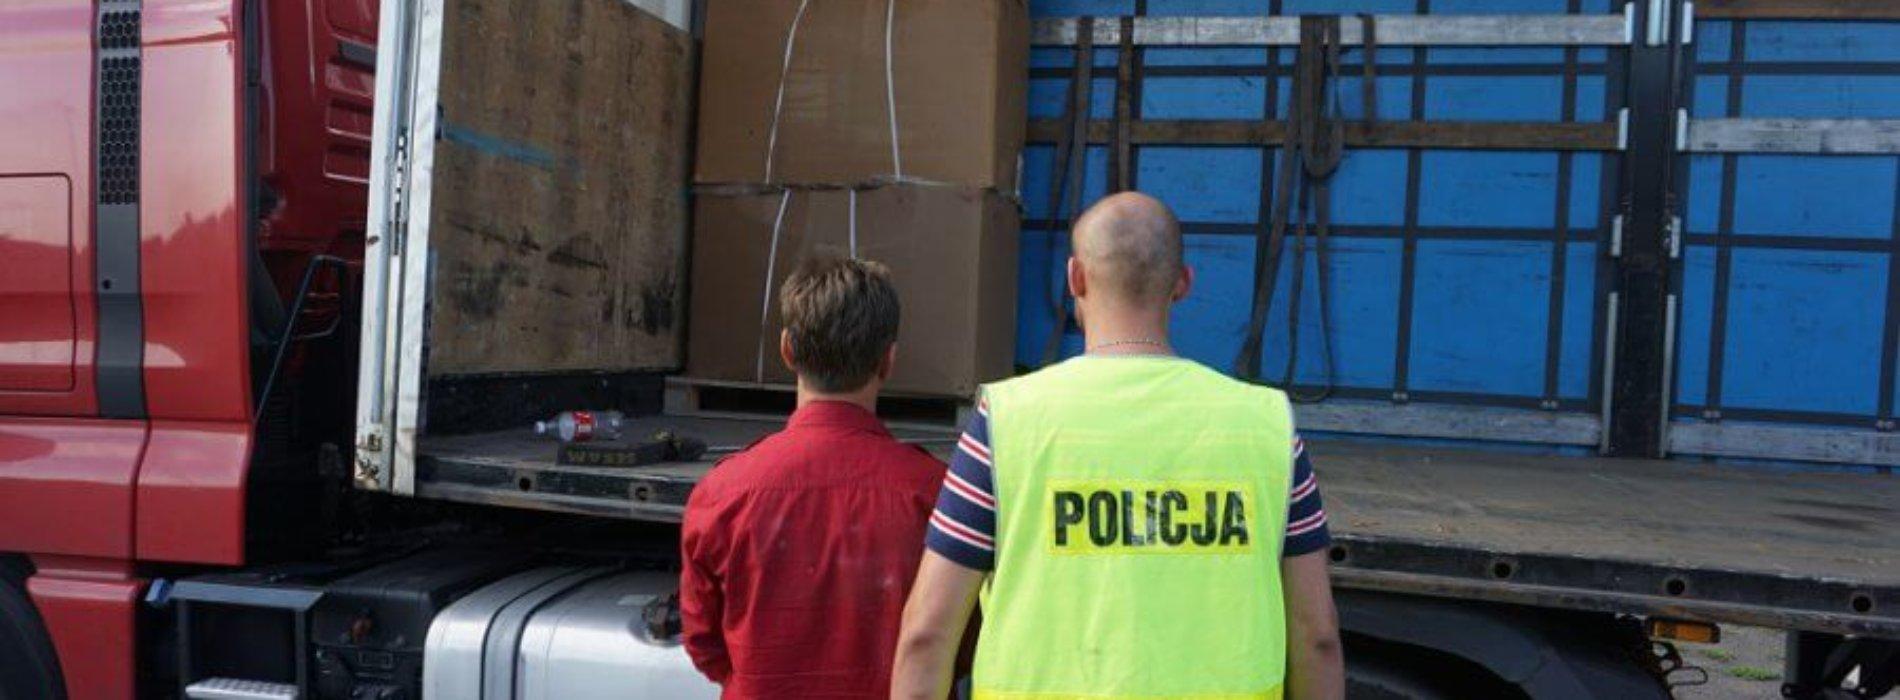 POLICJANCI PRZECHWYCILI OGROMNY TRANSPORT TYTONIU